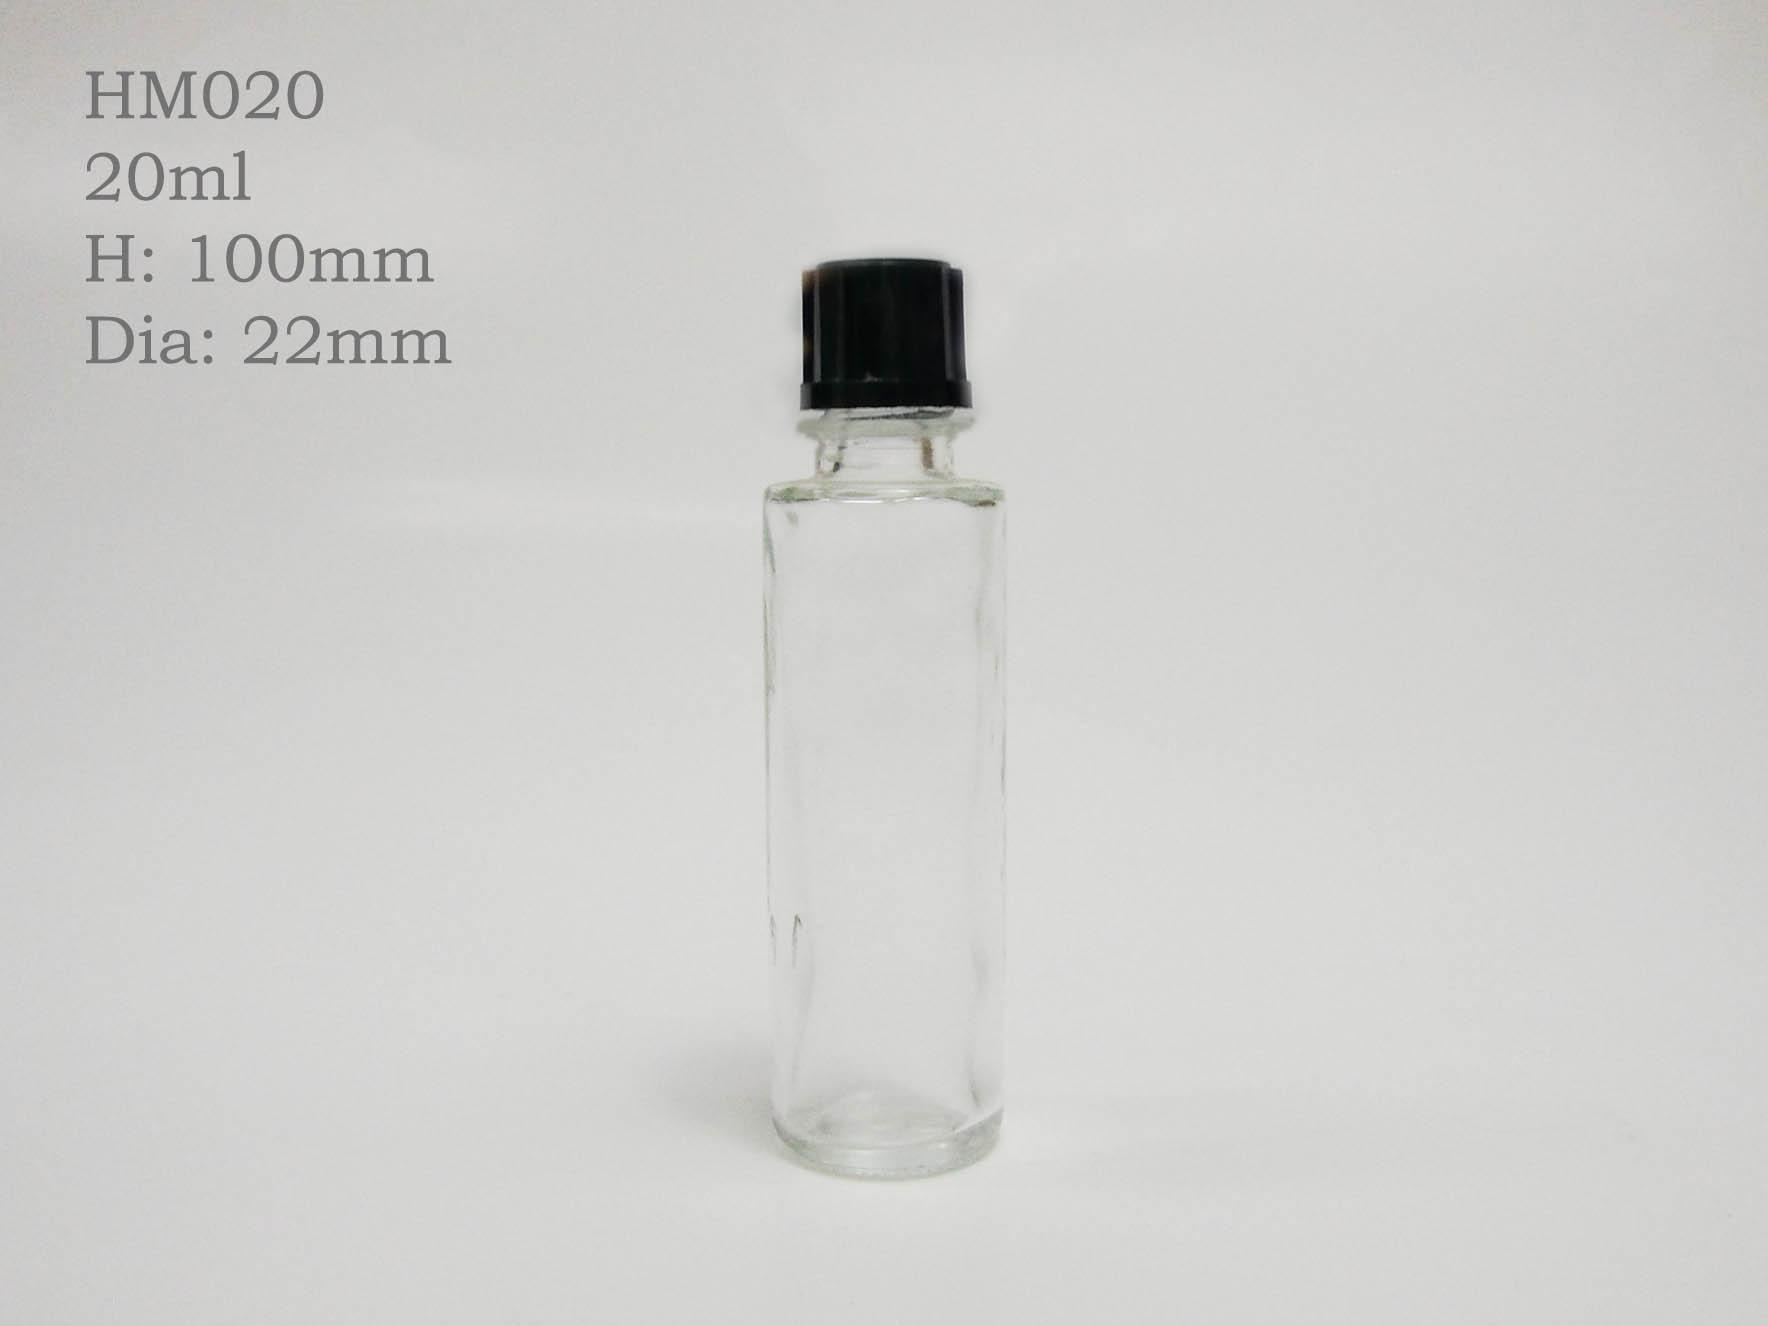 hm020_black-cap